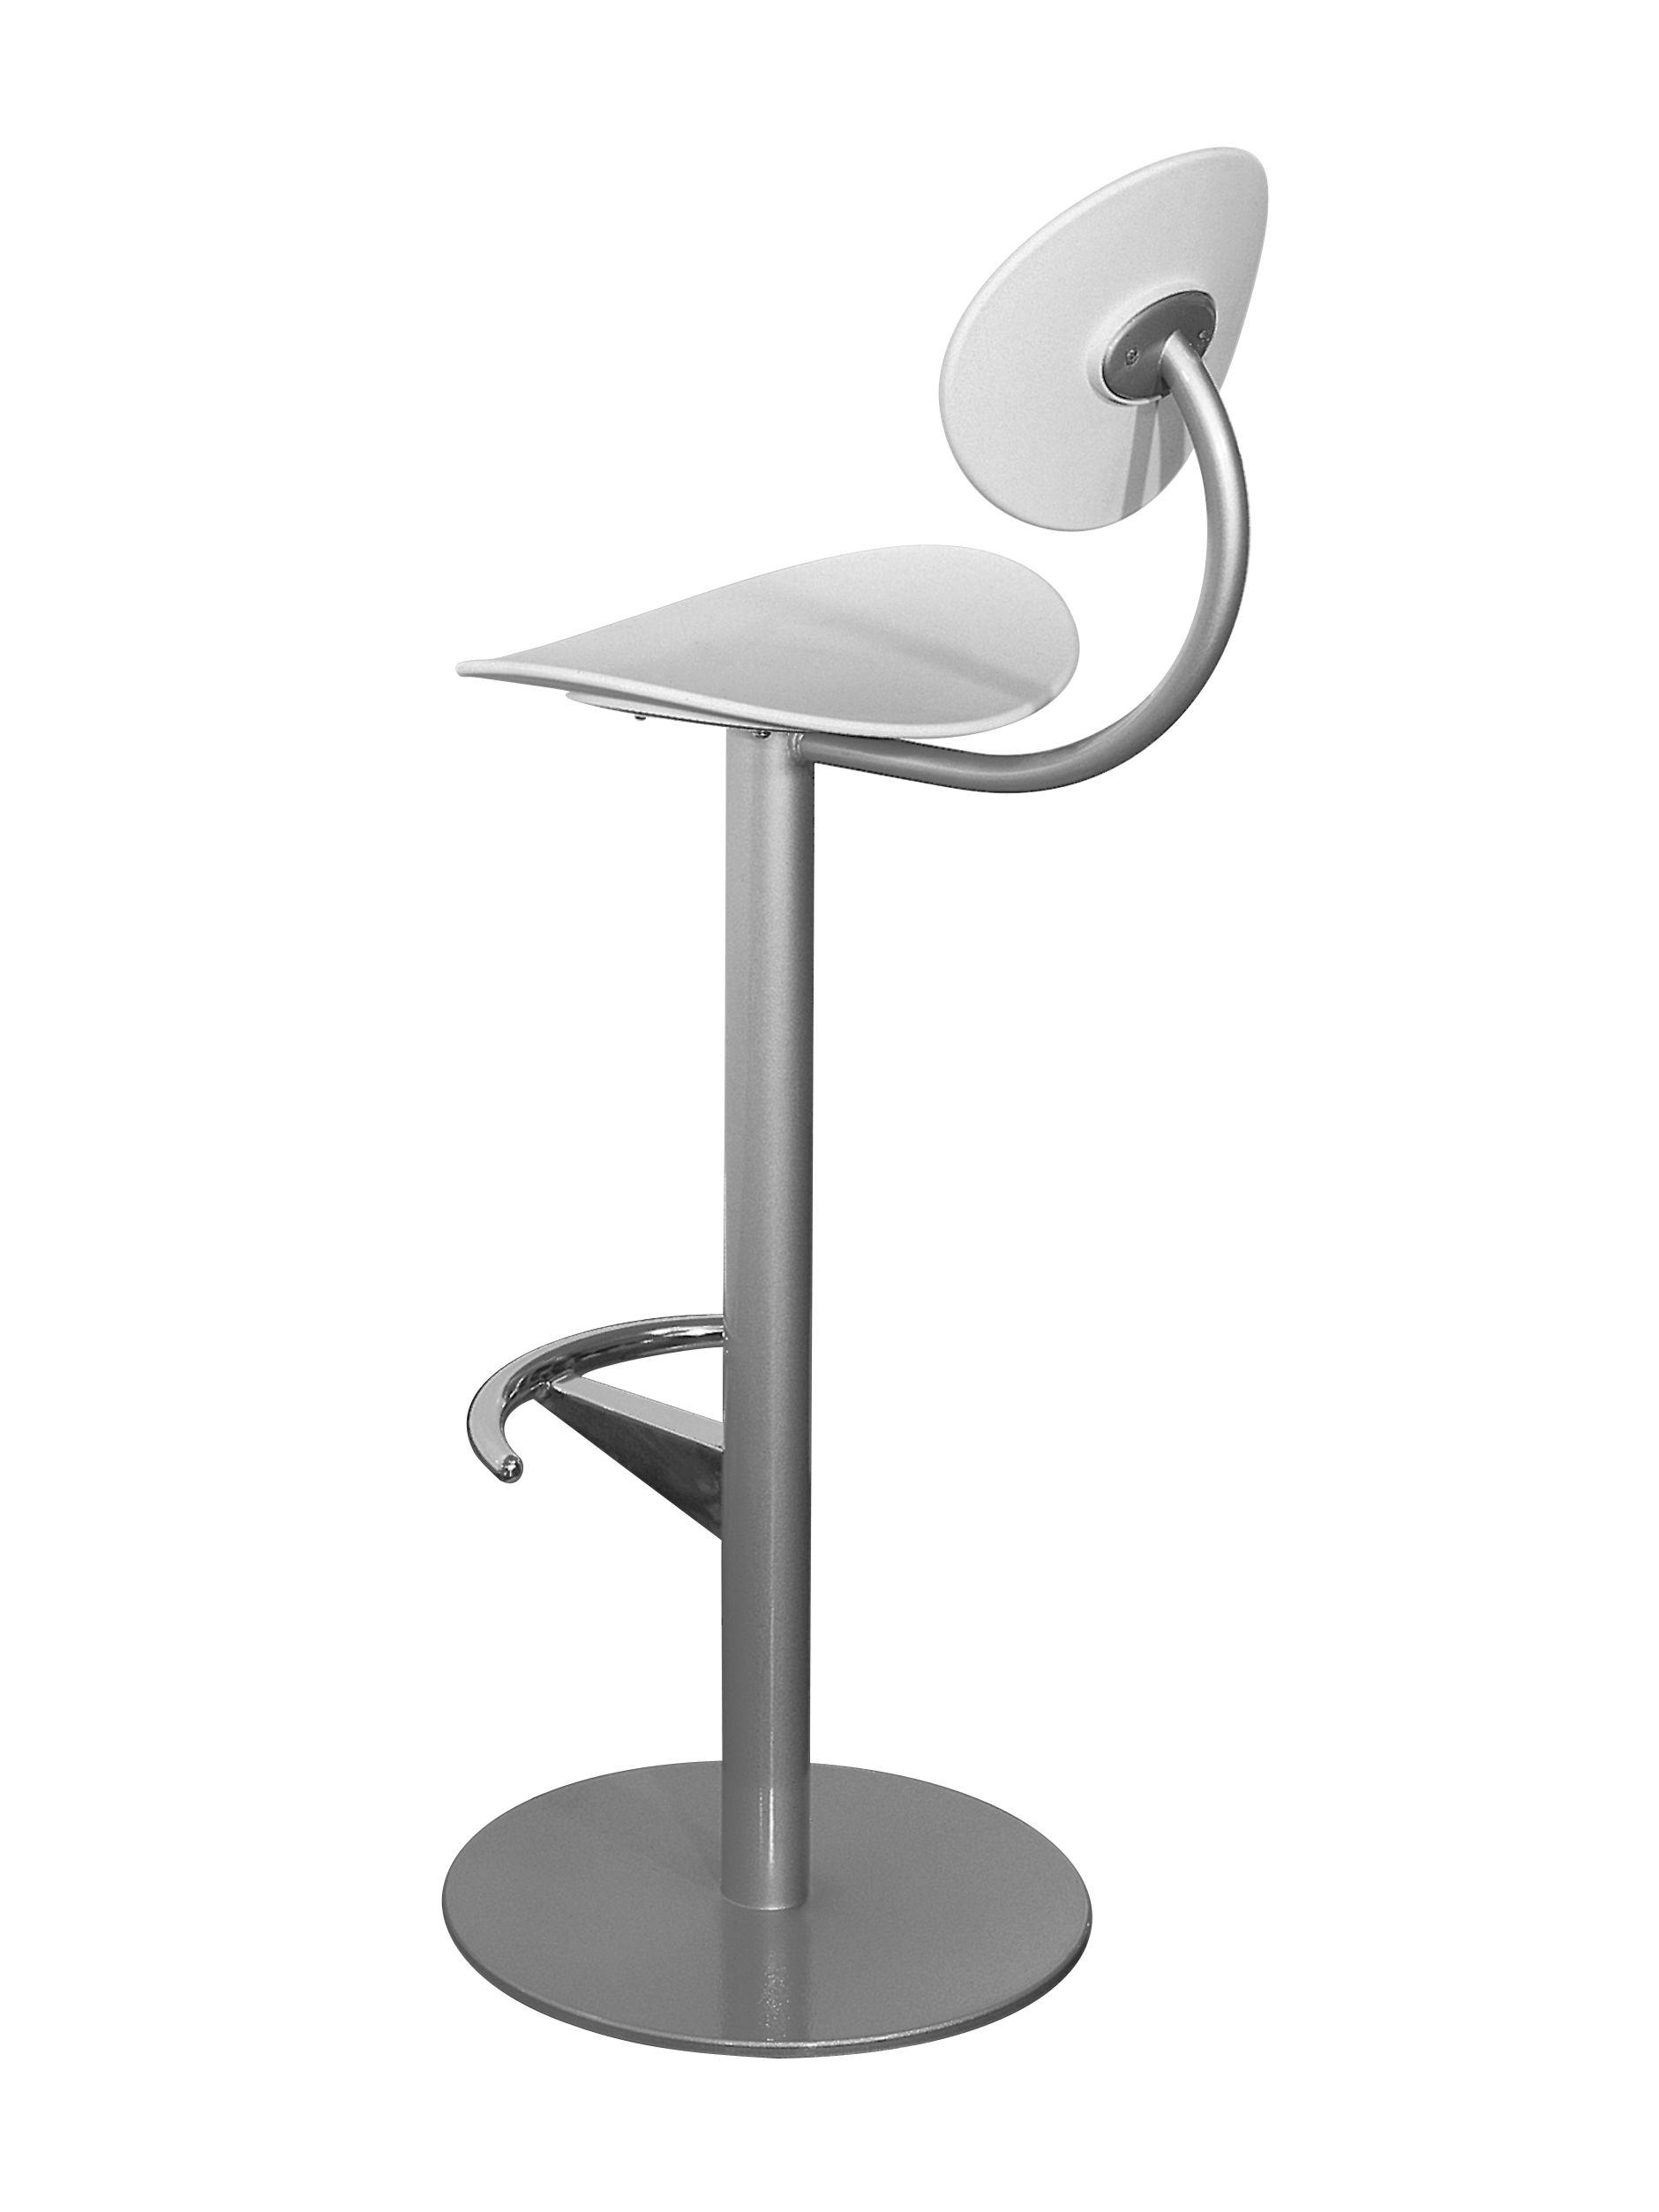 Arredamento - Sgabelli da bar  - Sedia da bar Coma - h 79 cm - Con schienale di Enea - Grigio antracite - Grigio alluminio - Acciaio laccato, Polipropilene